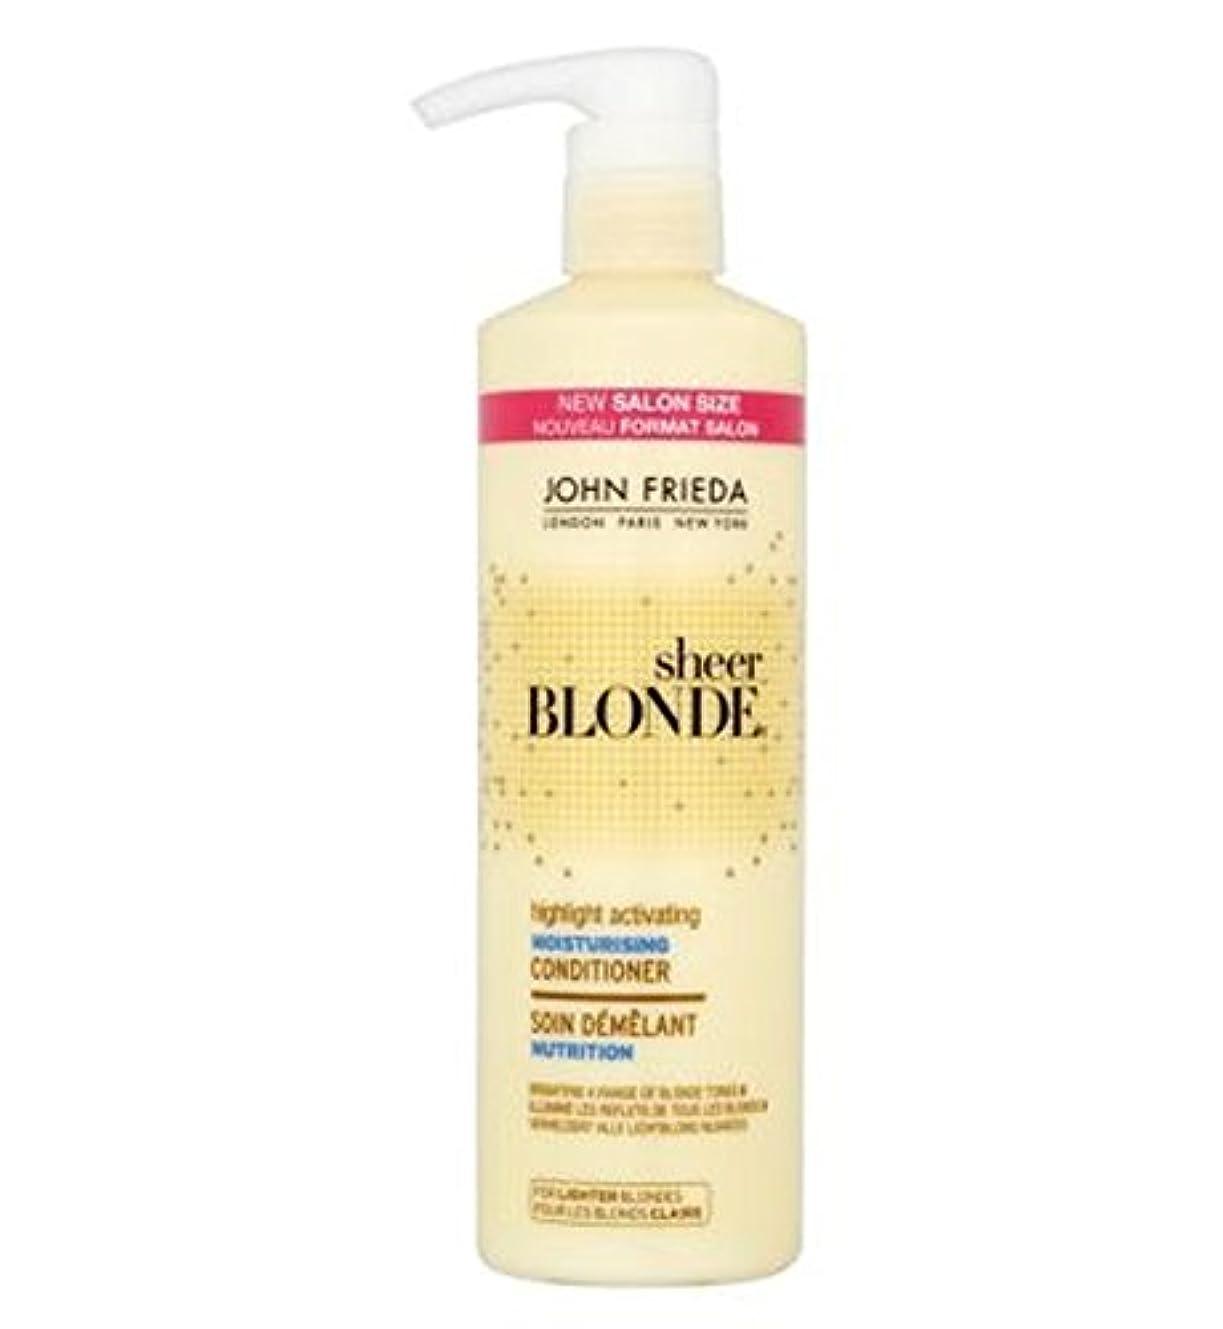 引き出すツインダムJohn Frieda Sheer Blonde Highlight Activating Moisturising Conditioner 500ml - ジョン?フリーダ薄手のブロンドのハイライト活性化保湿コンディショナー...